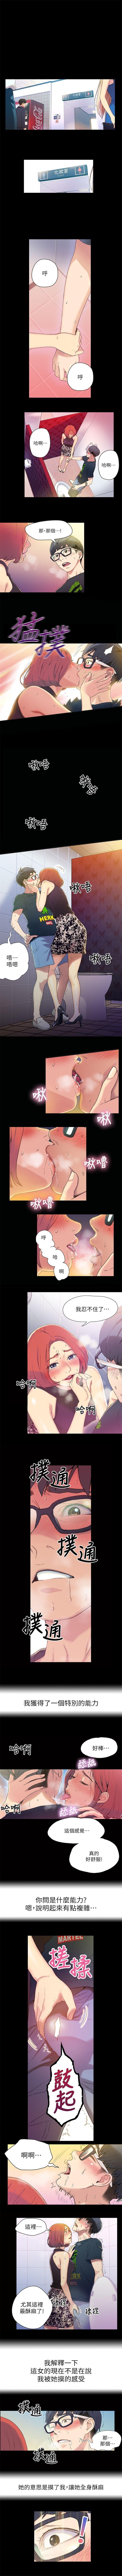 (周7)超导体鲁蛇(超级吸引力) 1-17 中文翻译(更新中) 1